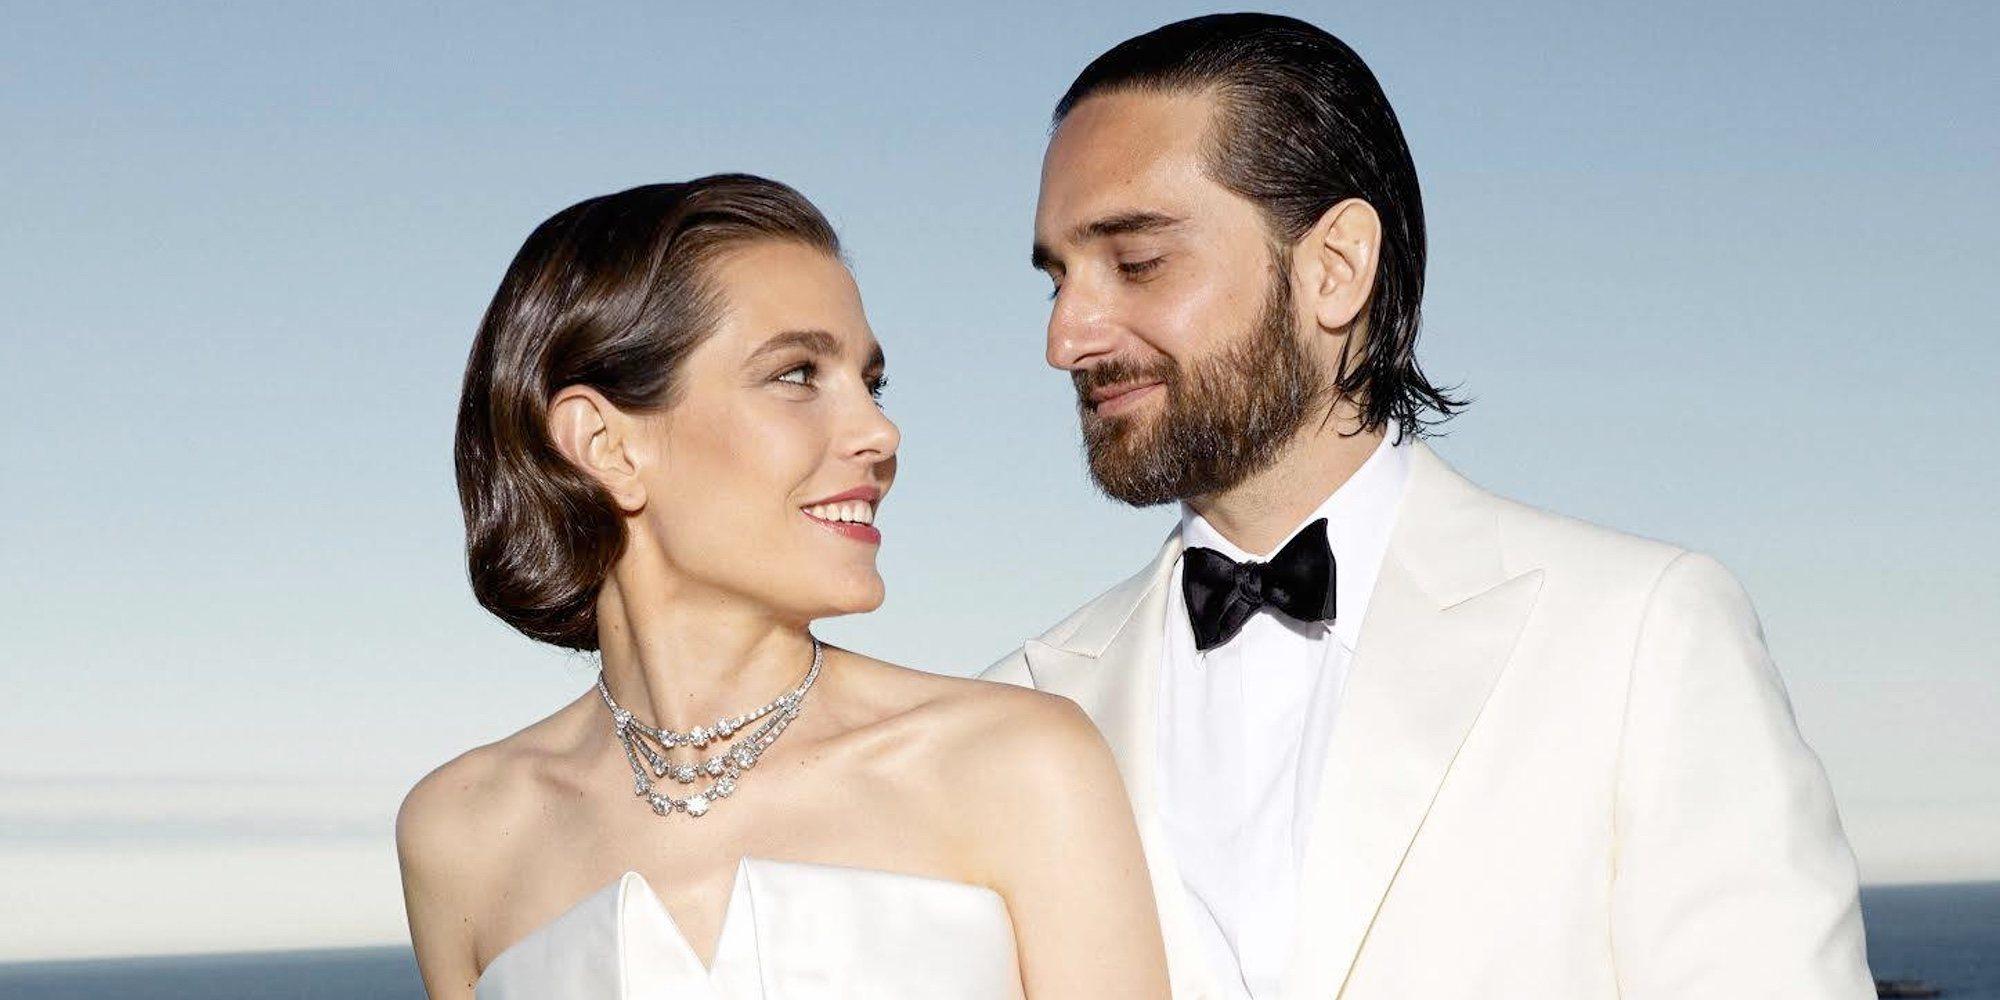 Todo lo que la boda de Carlota Casiraghi y Dimitri Rassam ha desvelado sobre la Familia Real de Mónaco